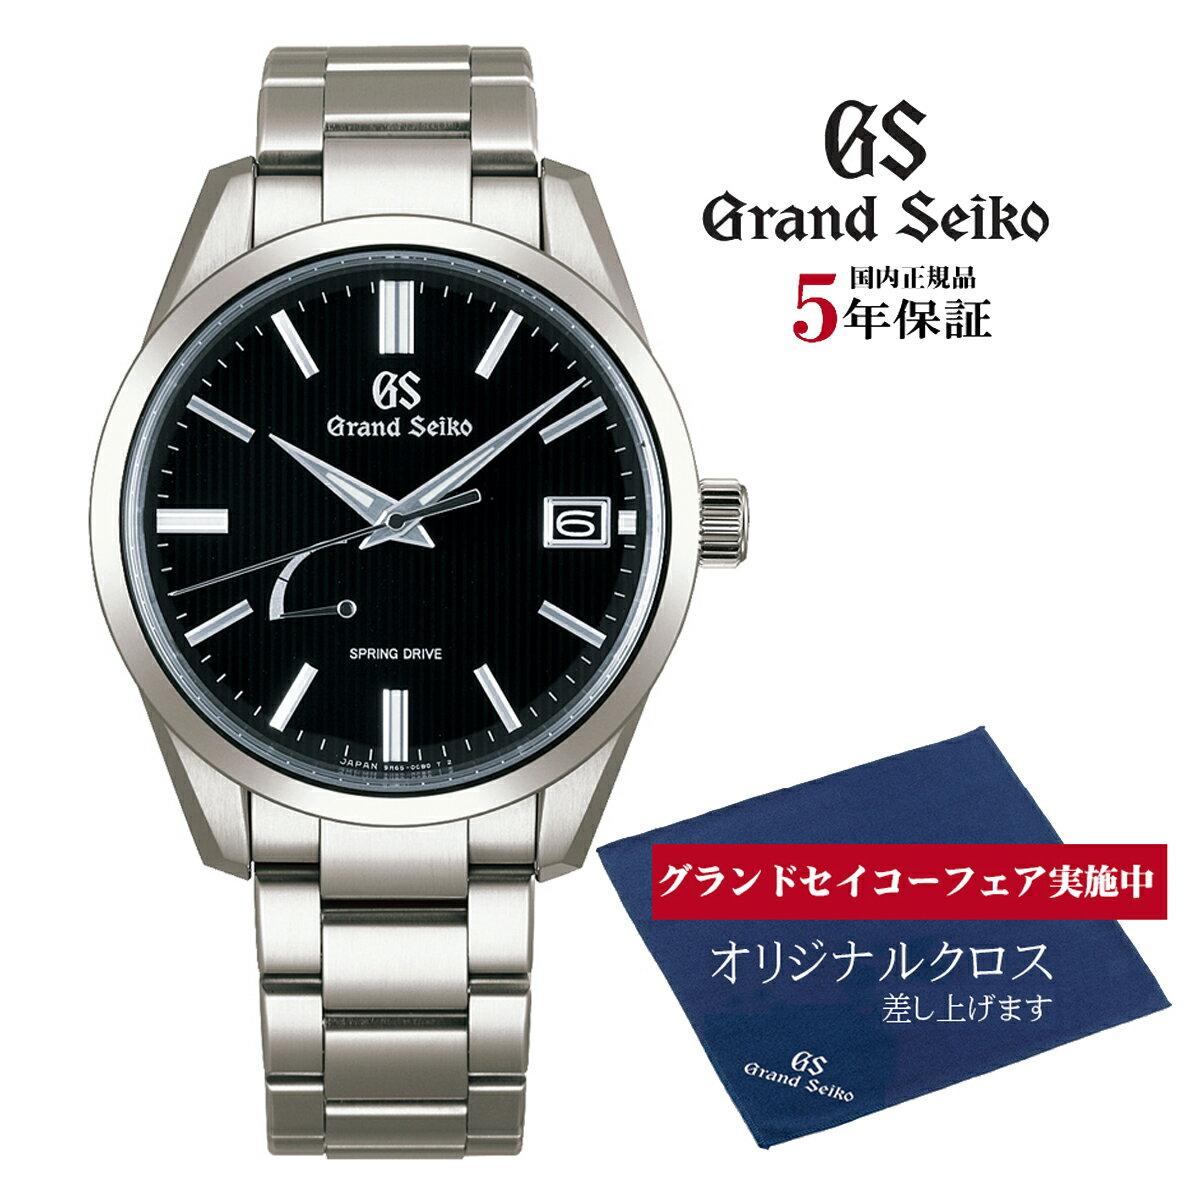 【正規メーカー保証3年】【正規品】 Grand Seiko 【グランドセイコー】 SBGA349 9Rスプリングドライブ ブライトチタンモデル 【腕時計】